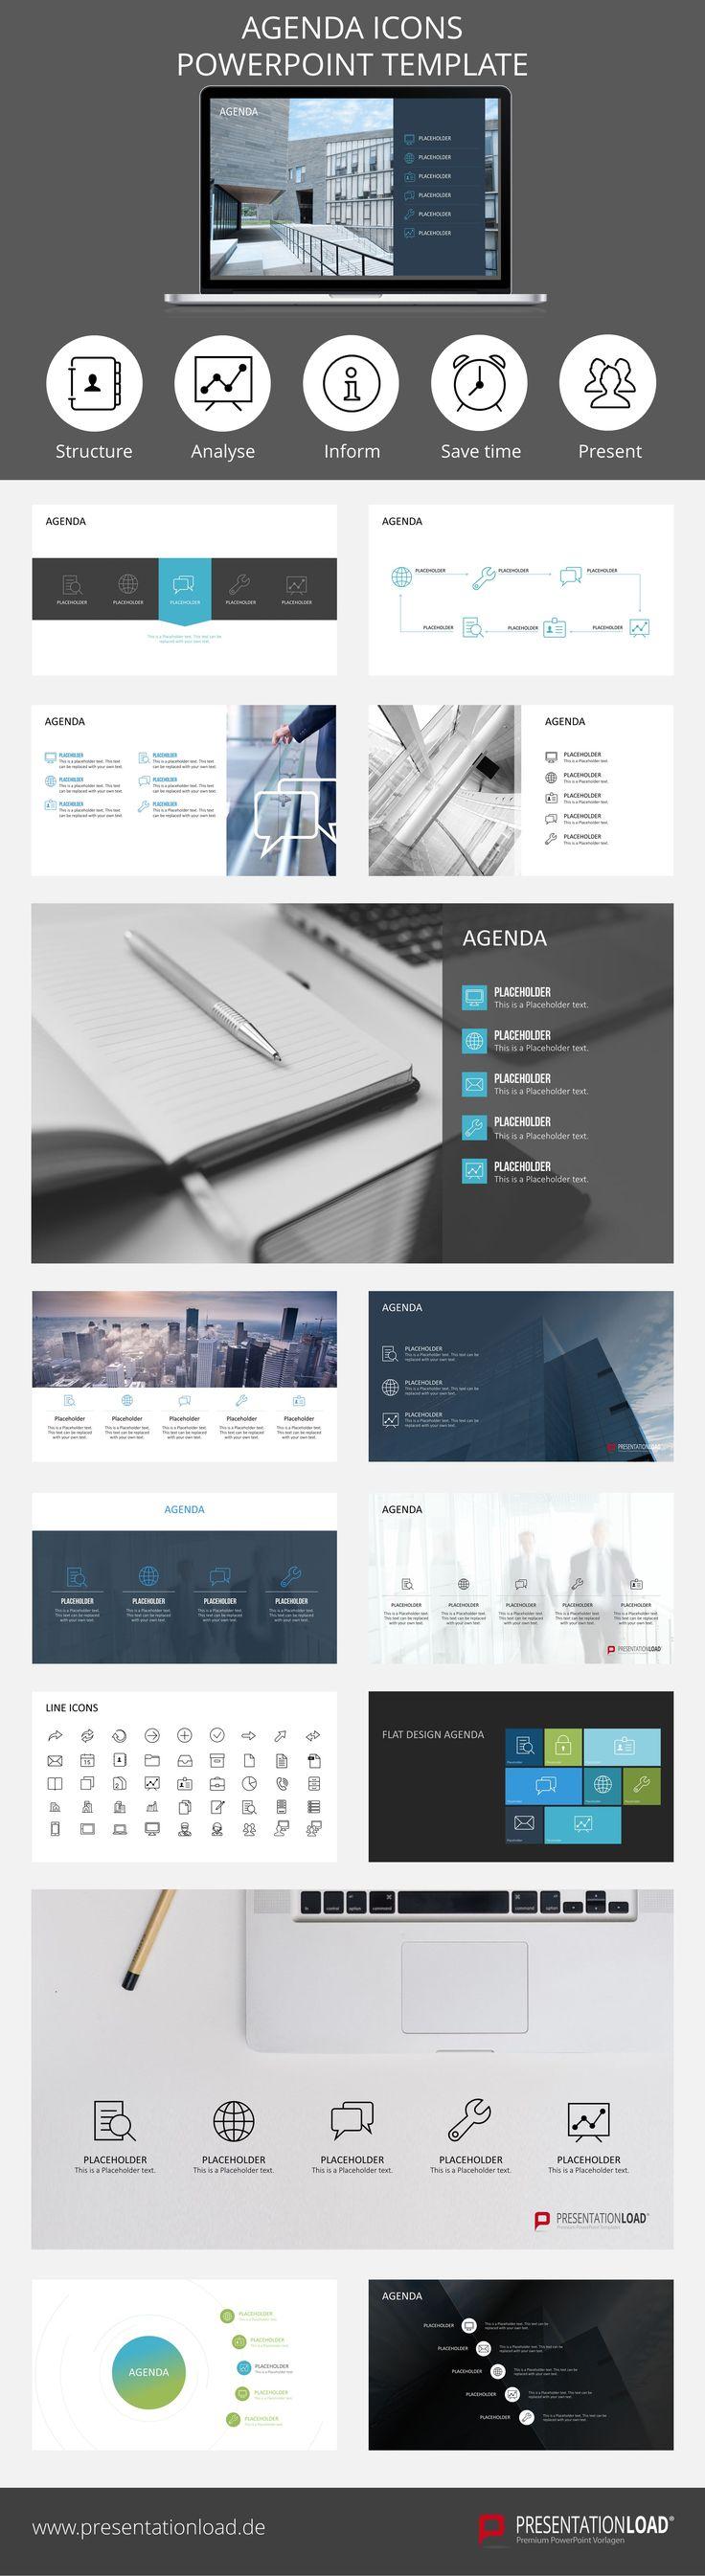 Agenda design templates